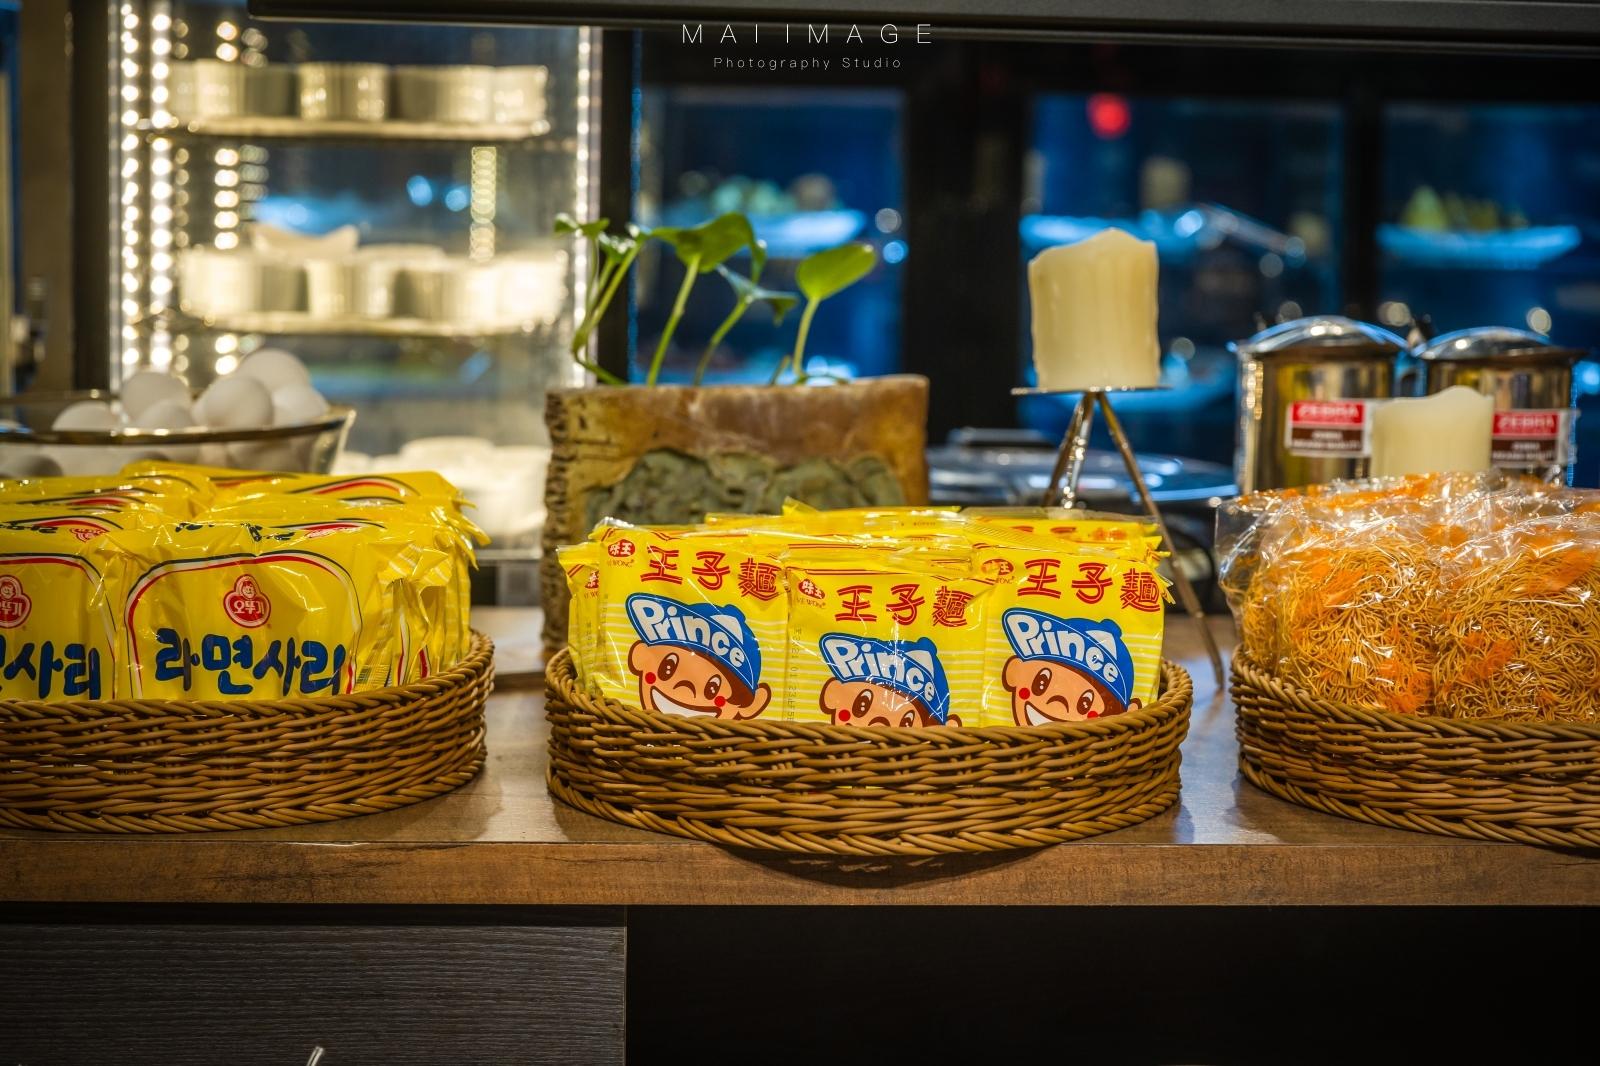 『新北吃到飽』汐止最有藝術氣息的火鍋店~在80幅油畫下大嗑鍋物!吃到飽一人只要399起!數十種高品質食材無限量供應|藝爐晏火鍋美術館、新北鍋物推薦